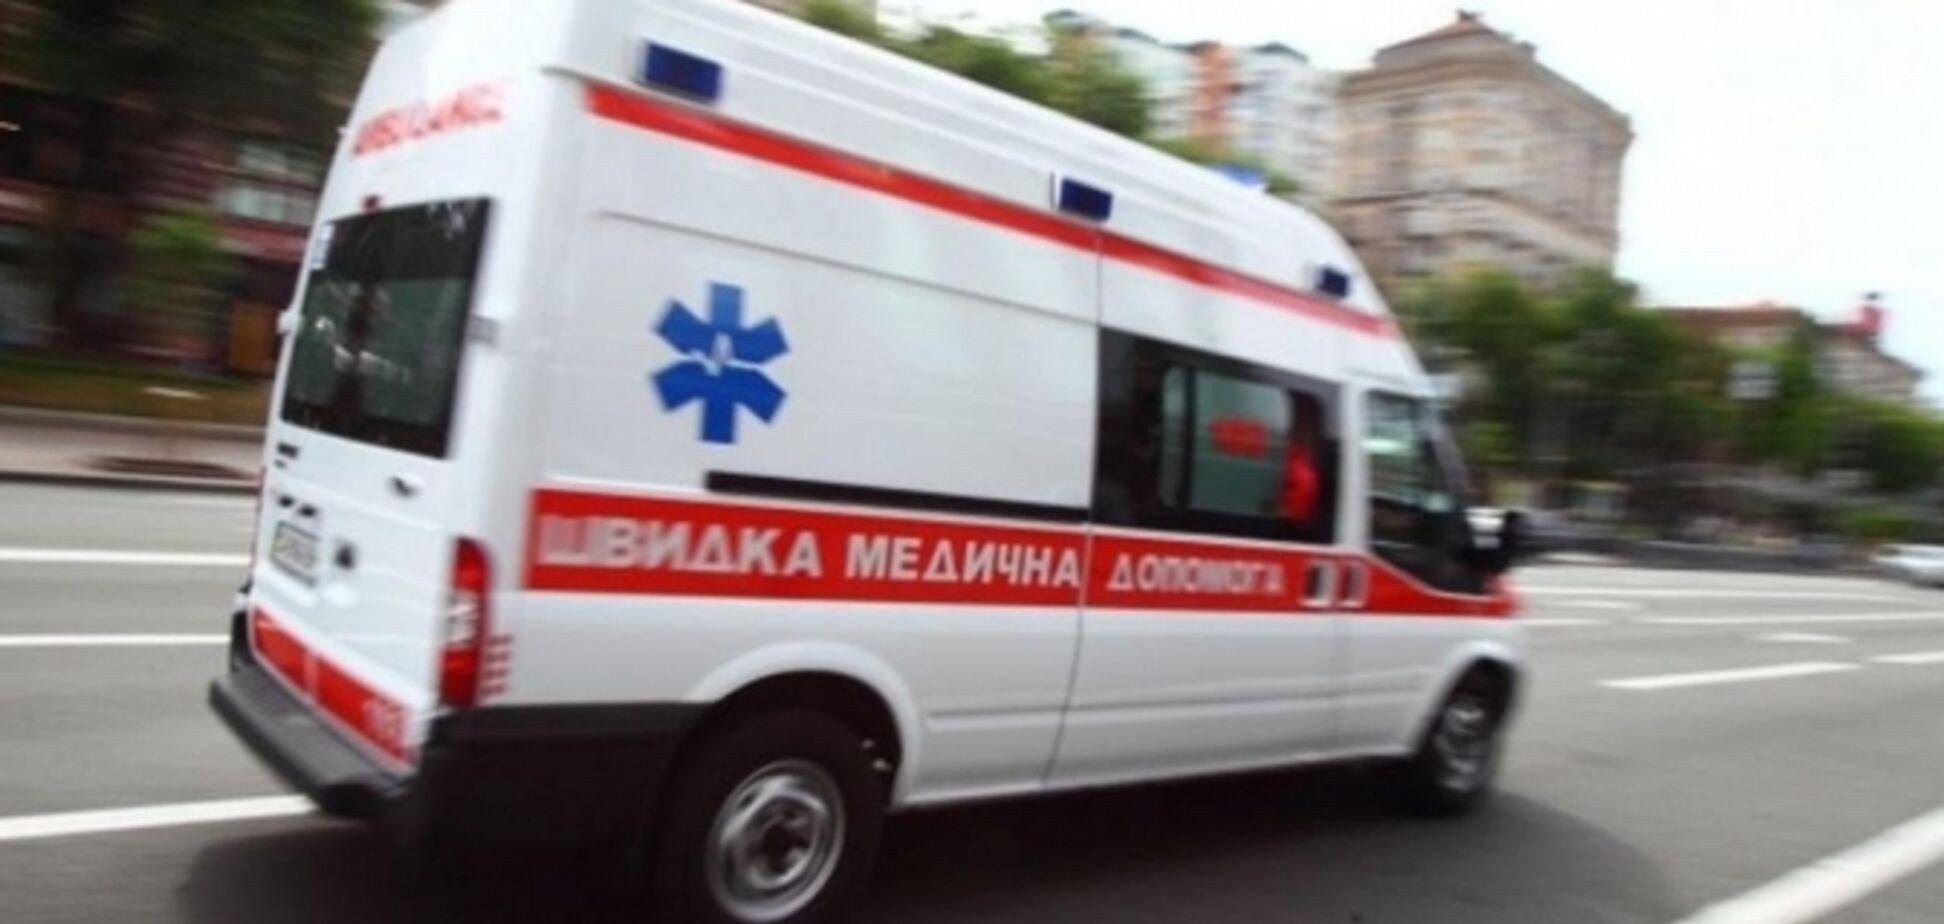 У Дніпрі заарештованого чоловіка застрелили на балконі: що відомо